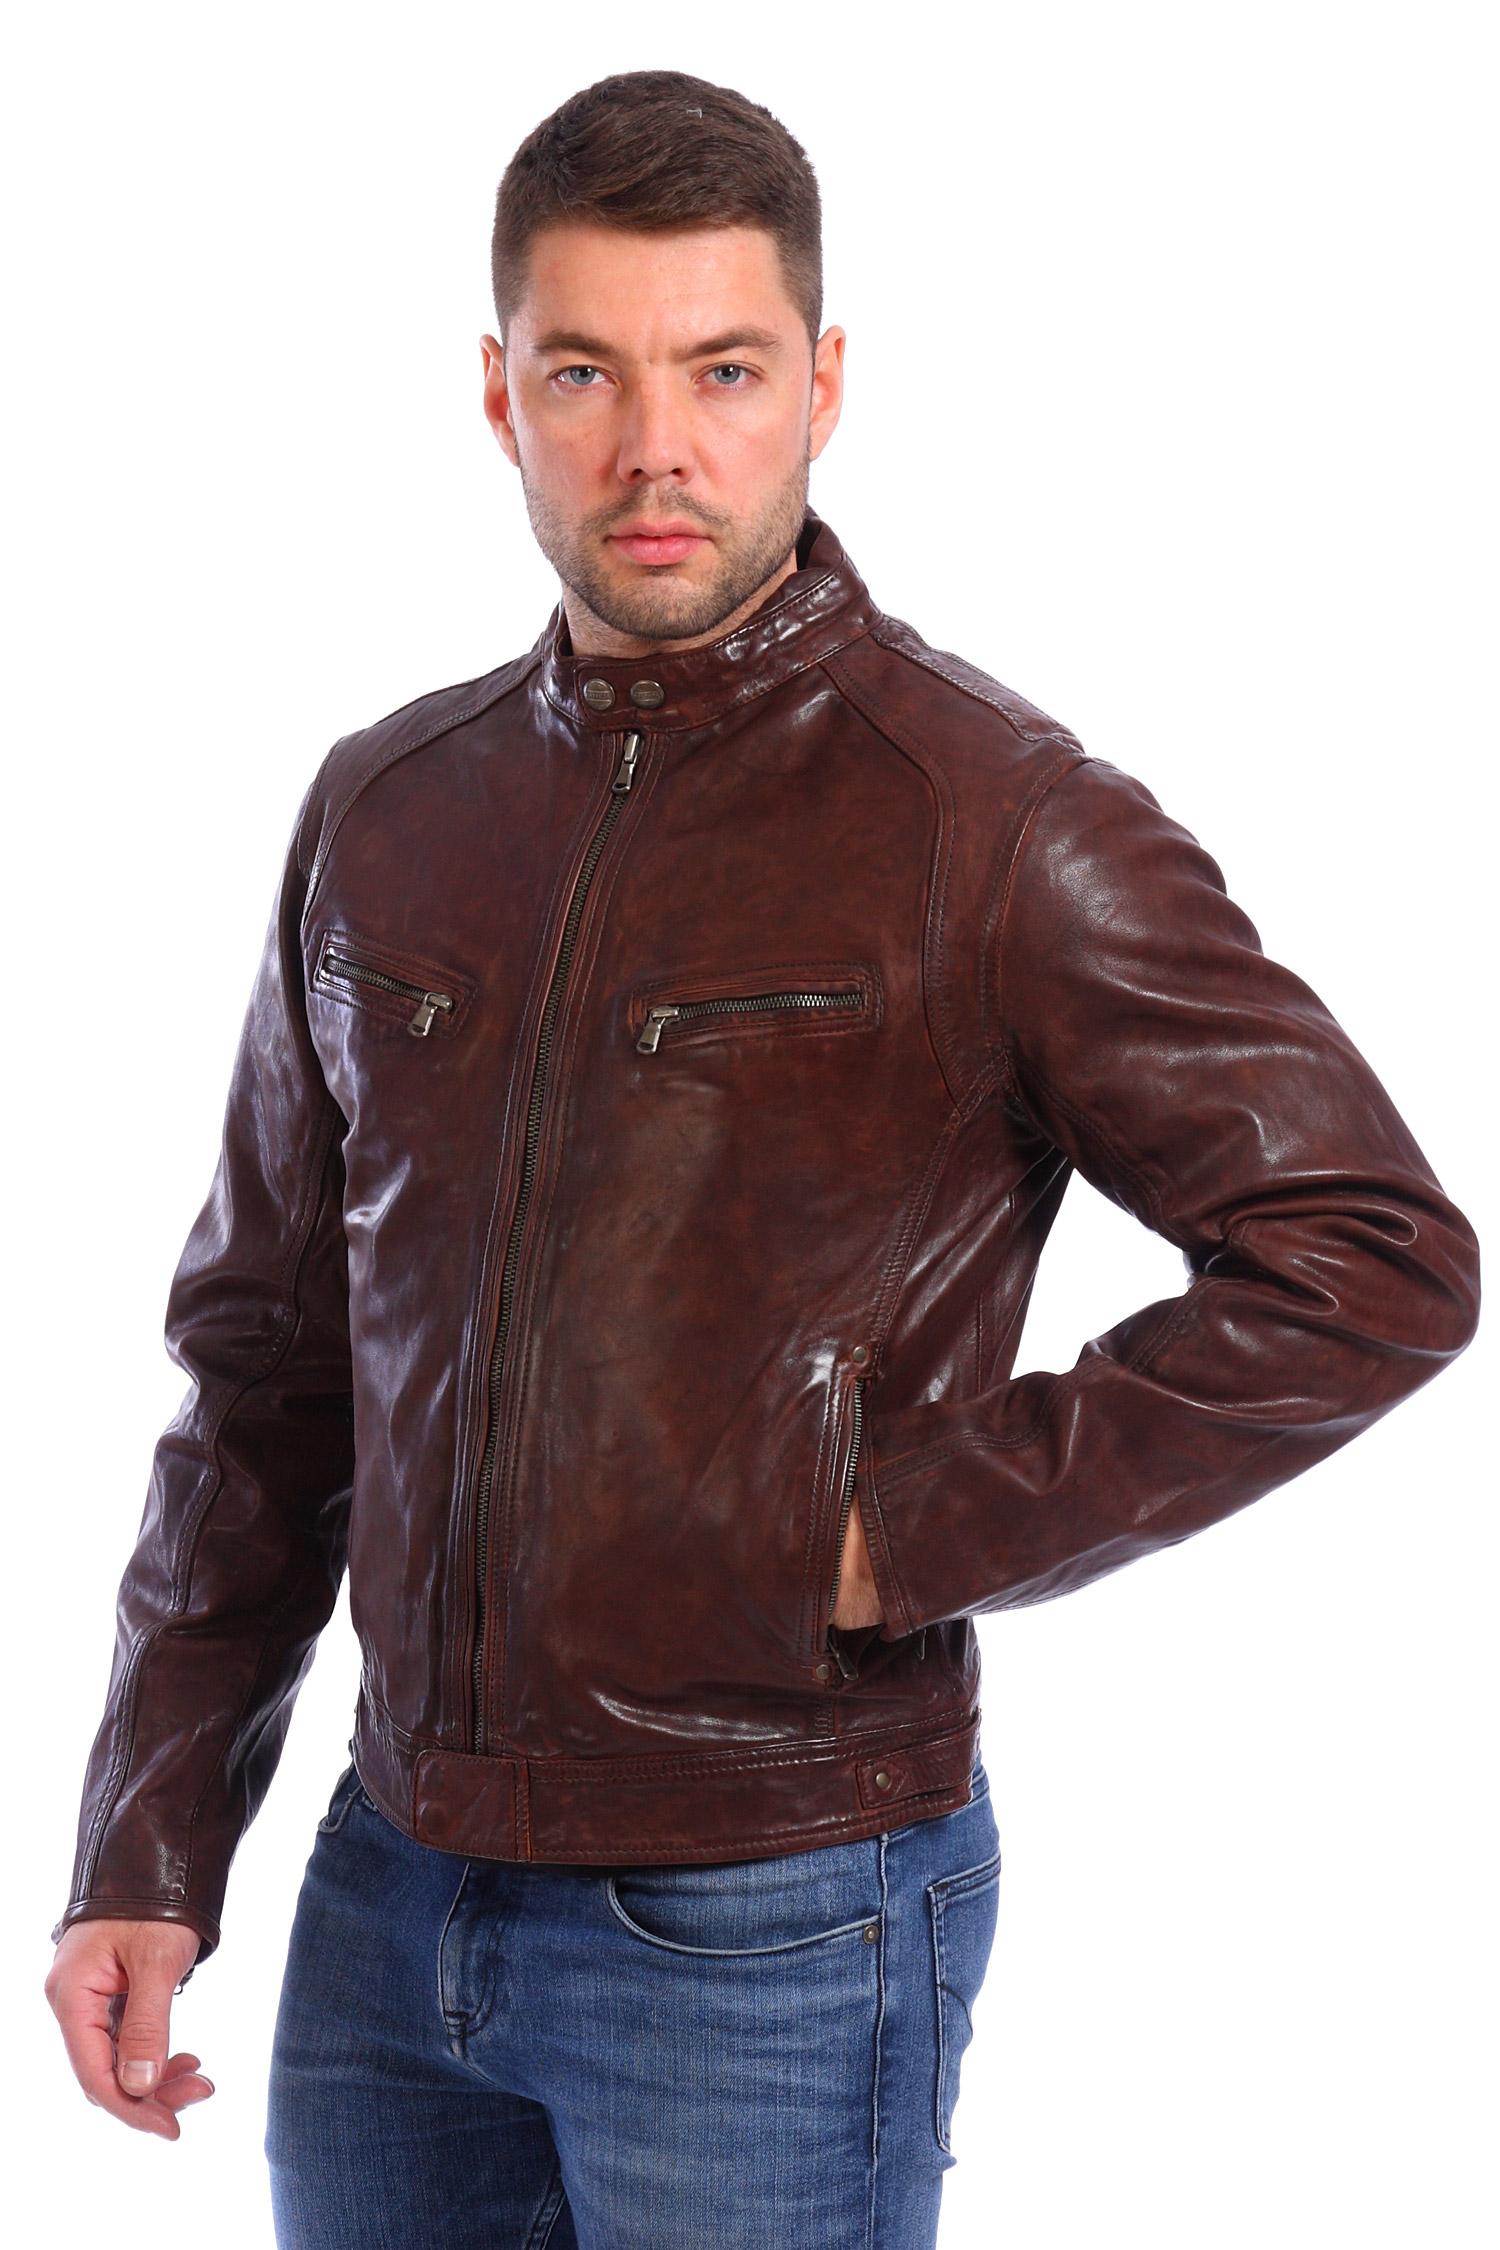 Мужская кожаная куртка из натуральной кожи с воротником, без отделки<br><br>Материал: Натуральная кожа<br>Цвет: Темно-коричневый<br>Воротник: Стойка<br>Длина см: 60<br>Пол: Мужской<br>Размер RU: 52